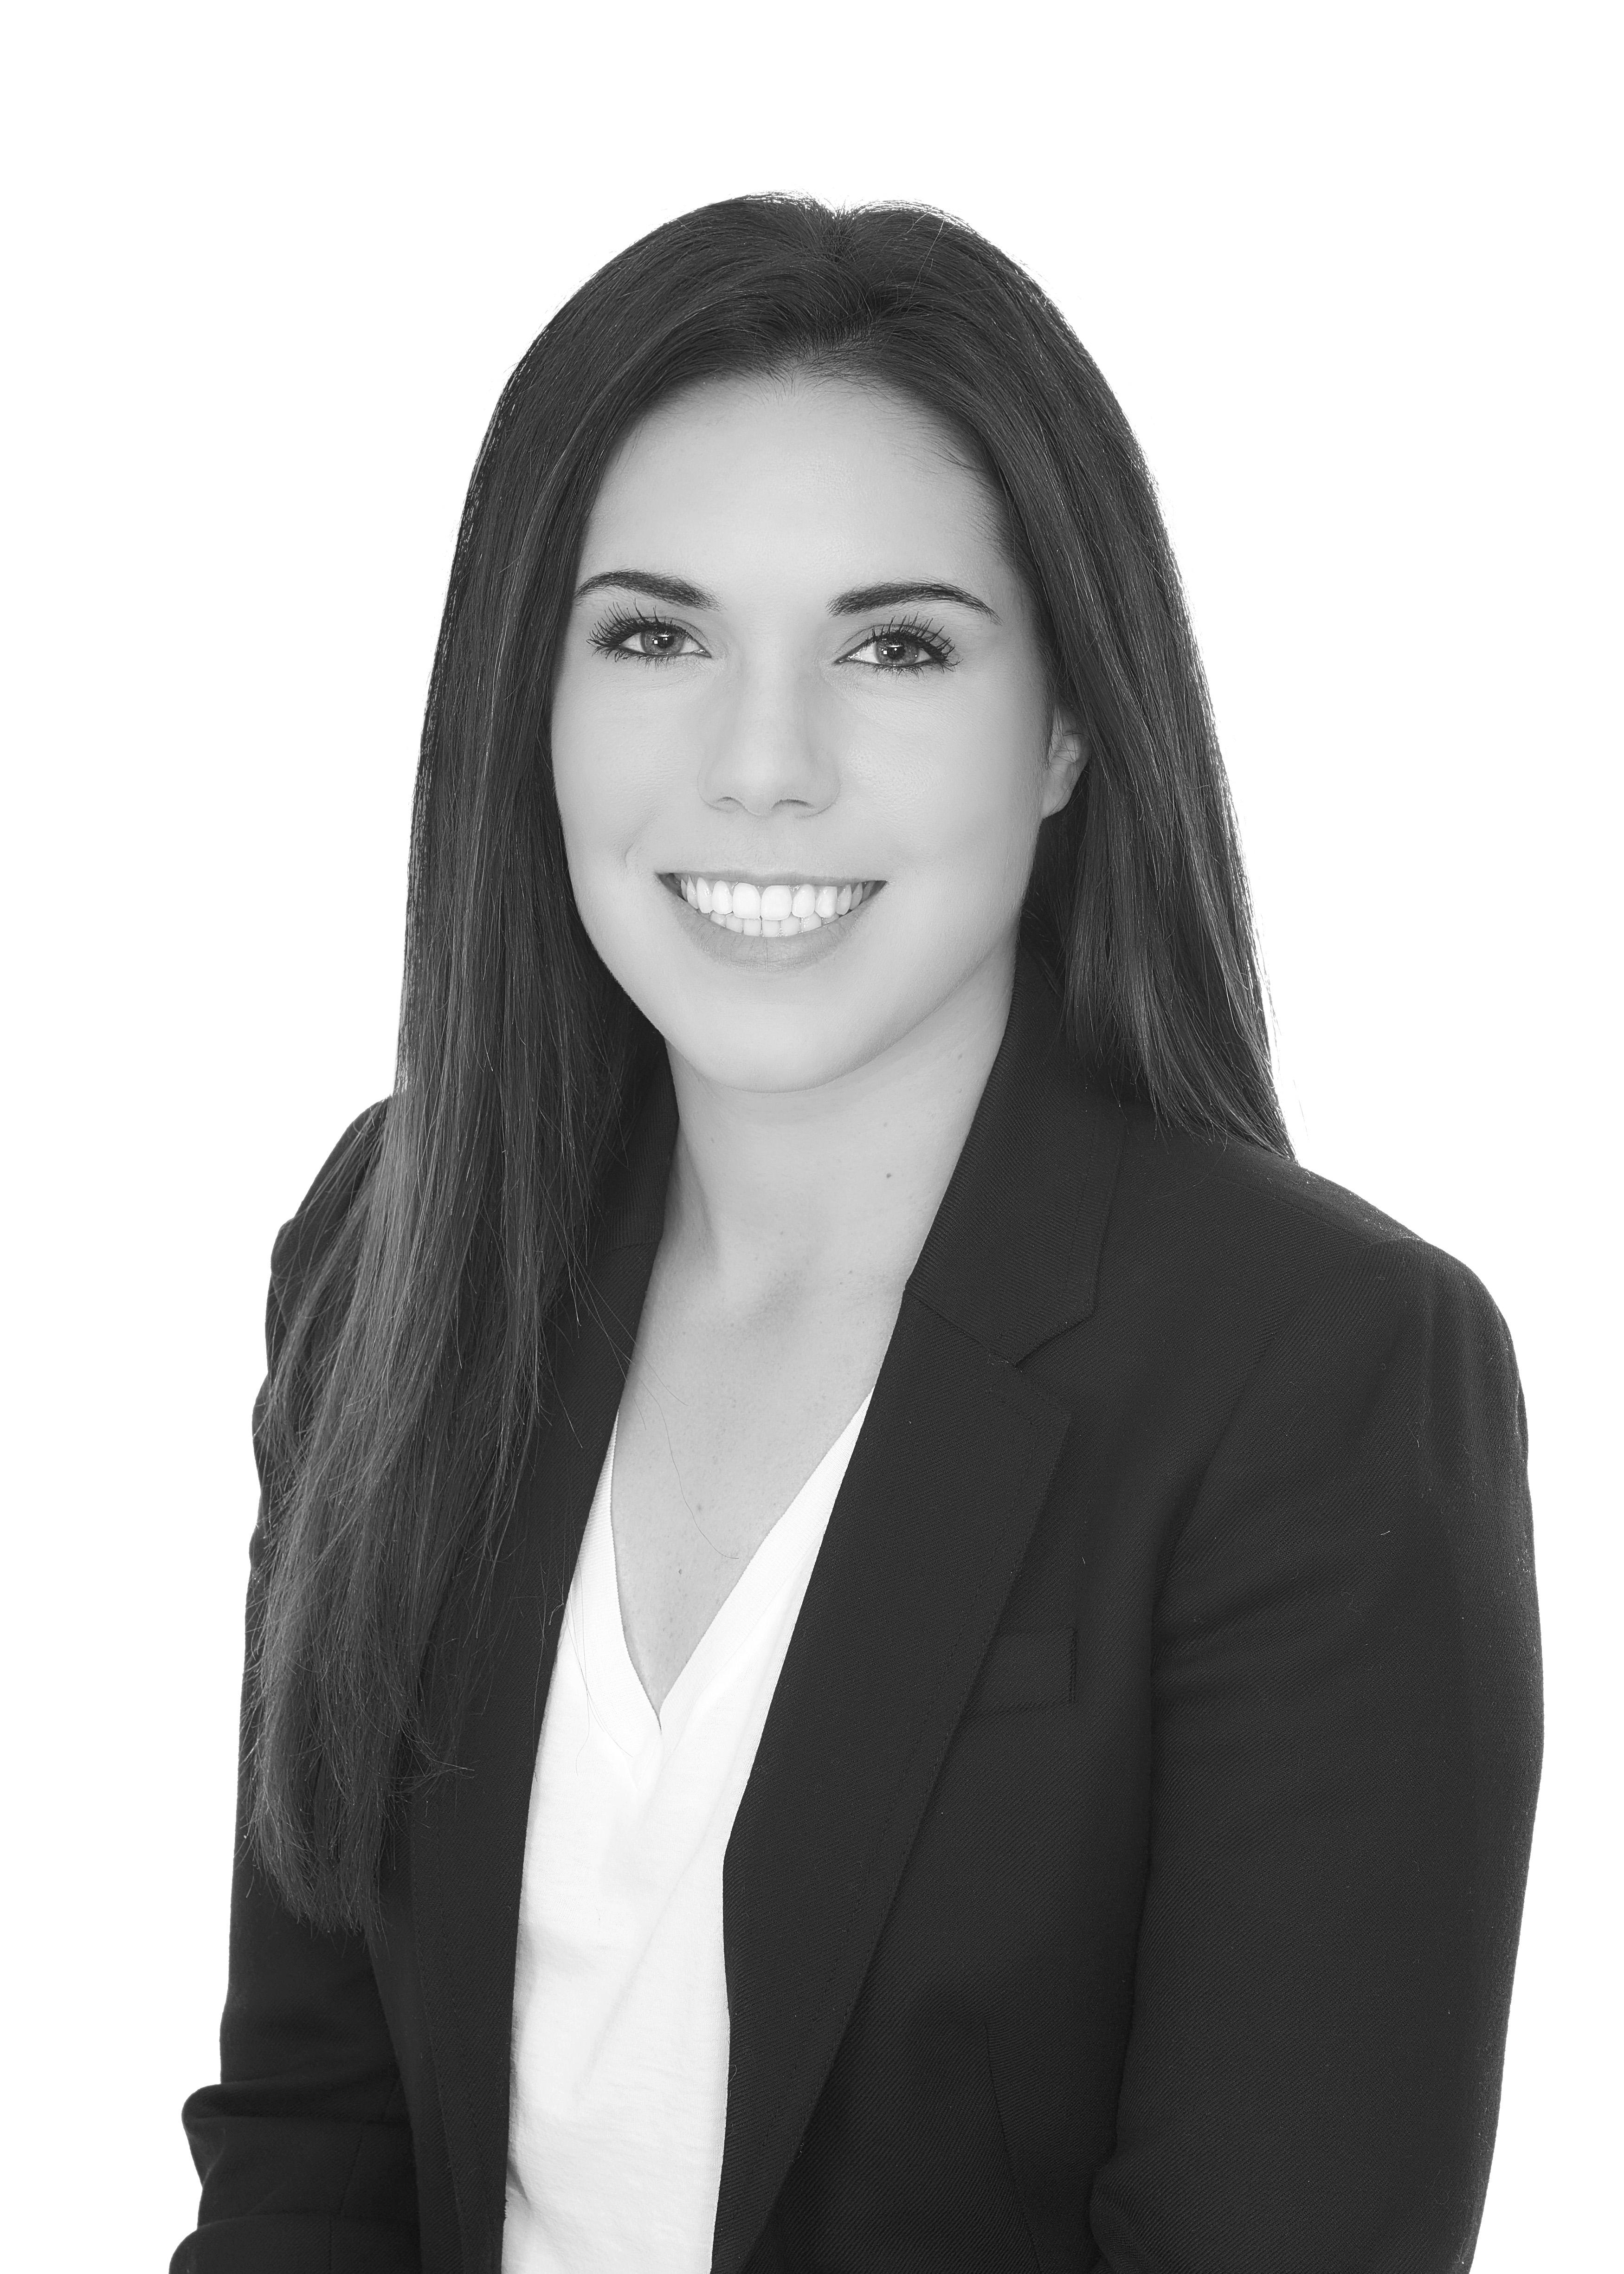 Erica Ludlow